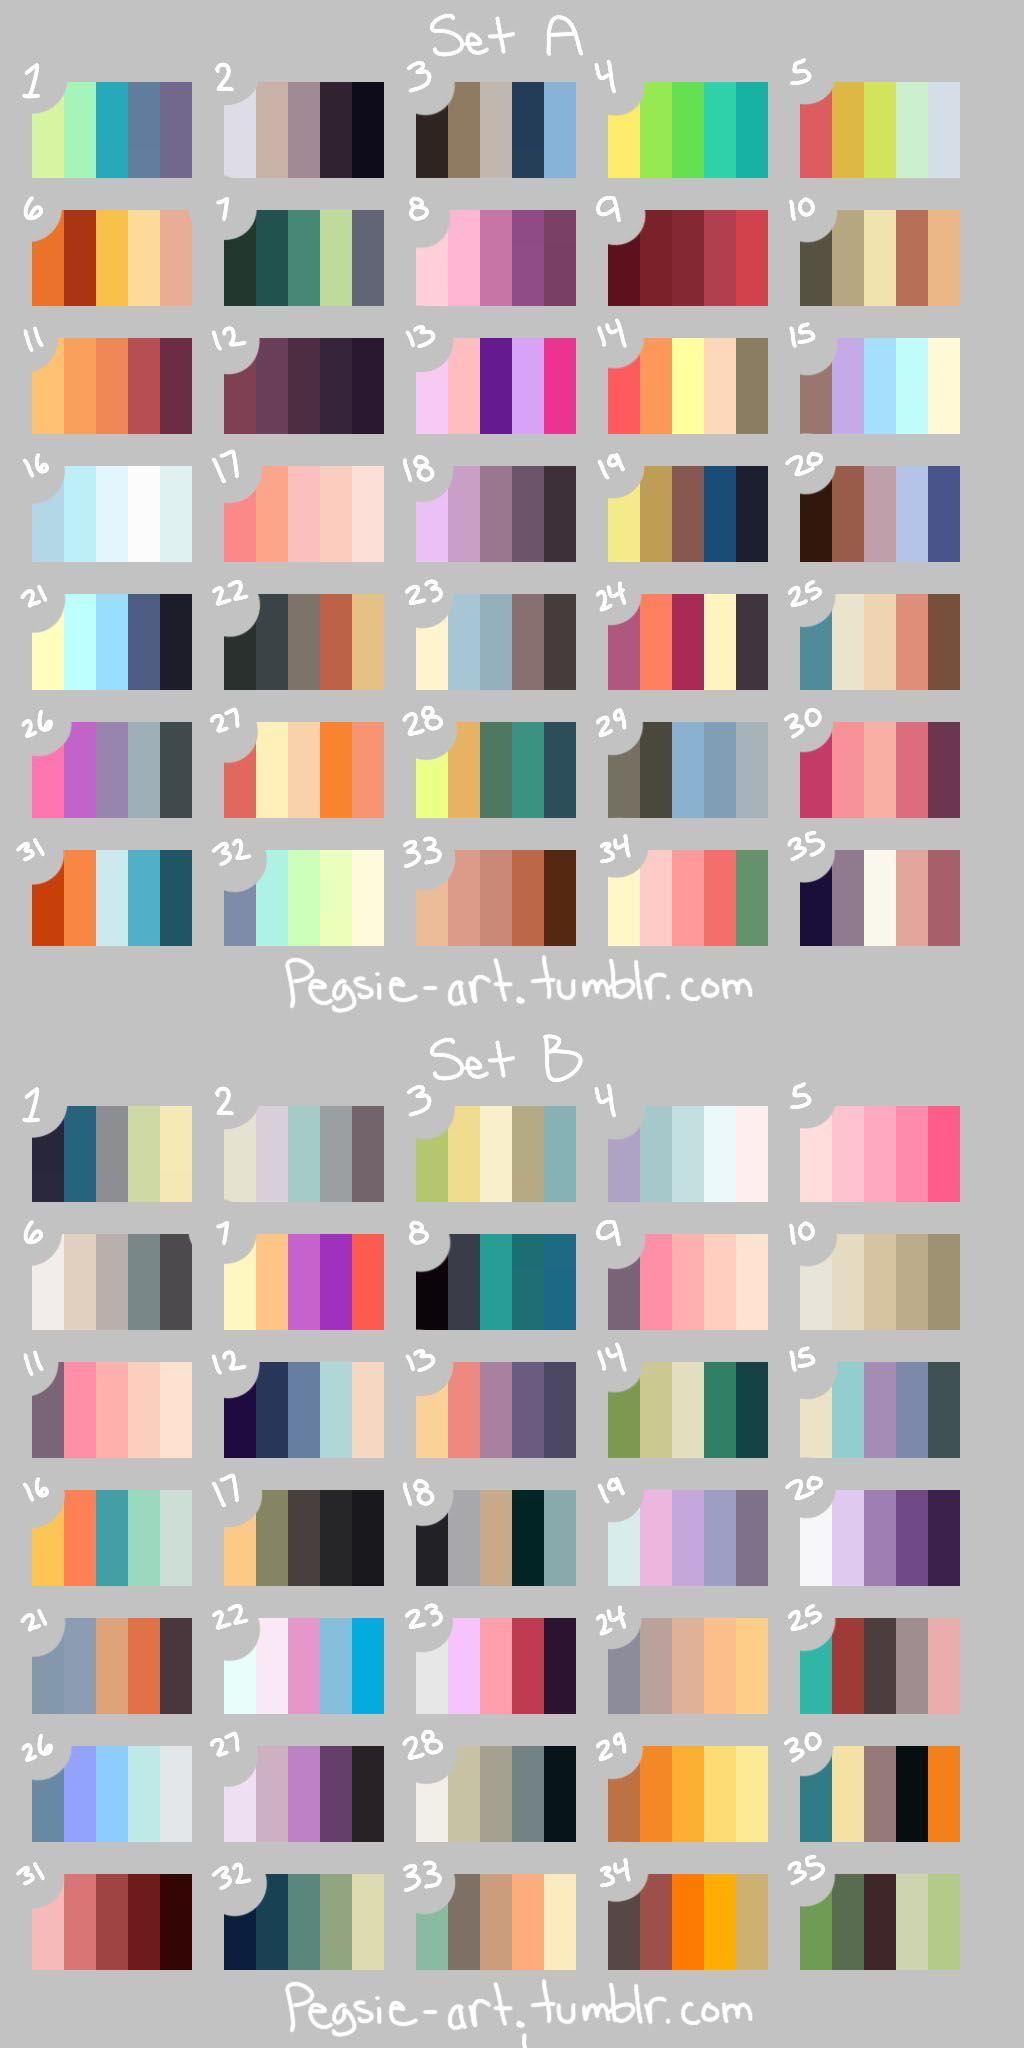 Paleta De Colores 3 By Pegsie Color Palette Challenge Color Plan Color Palette